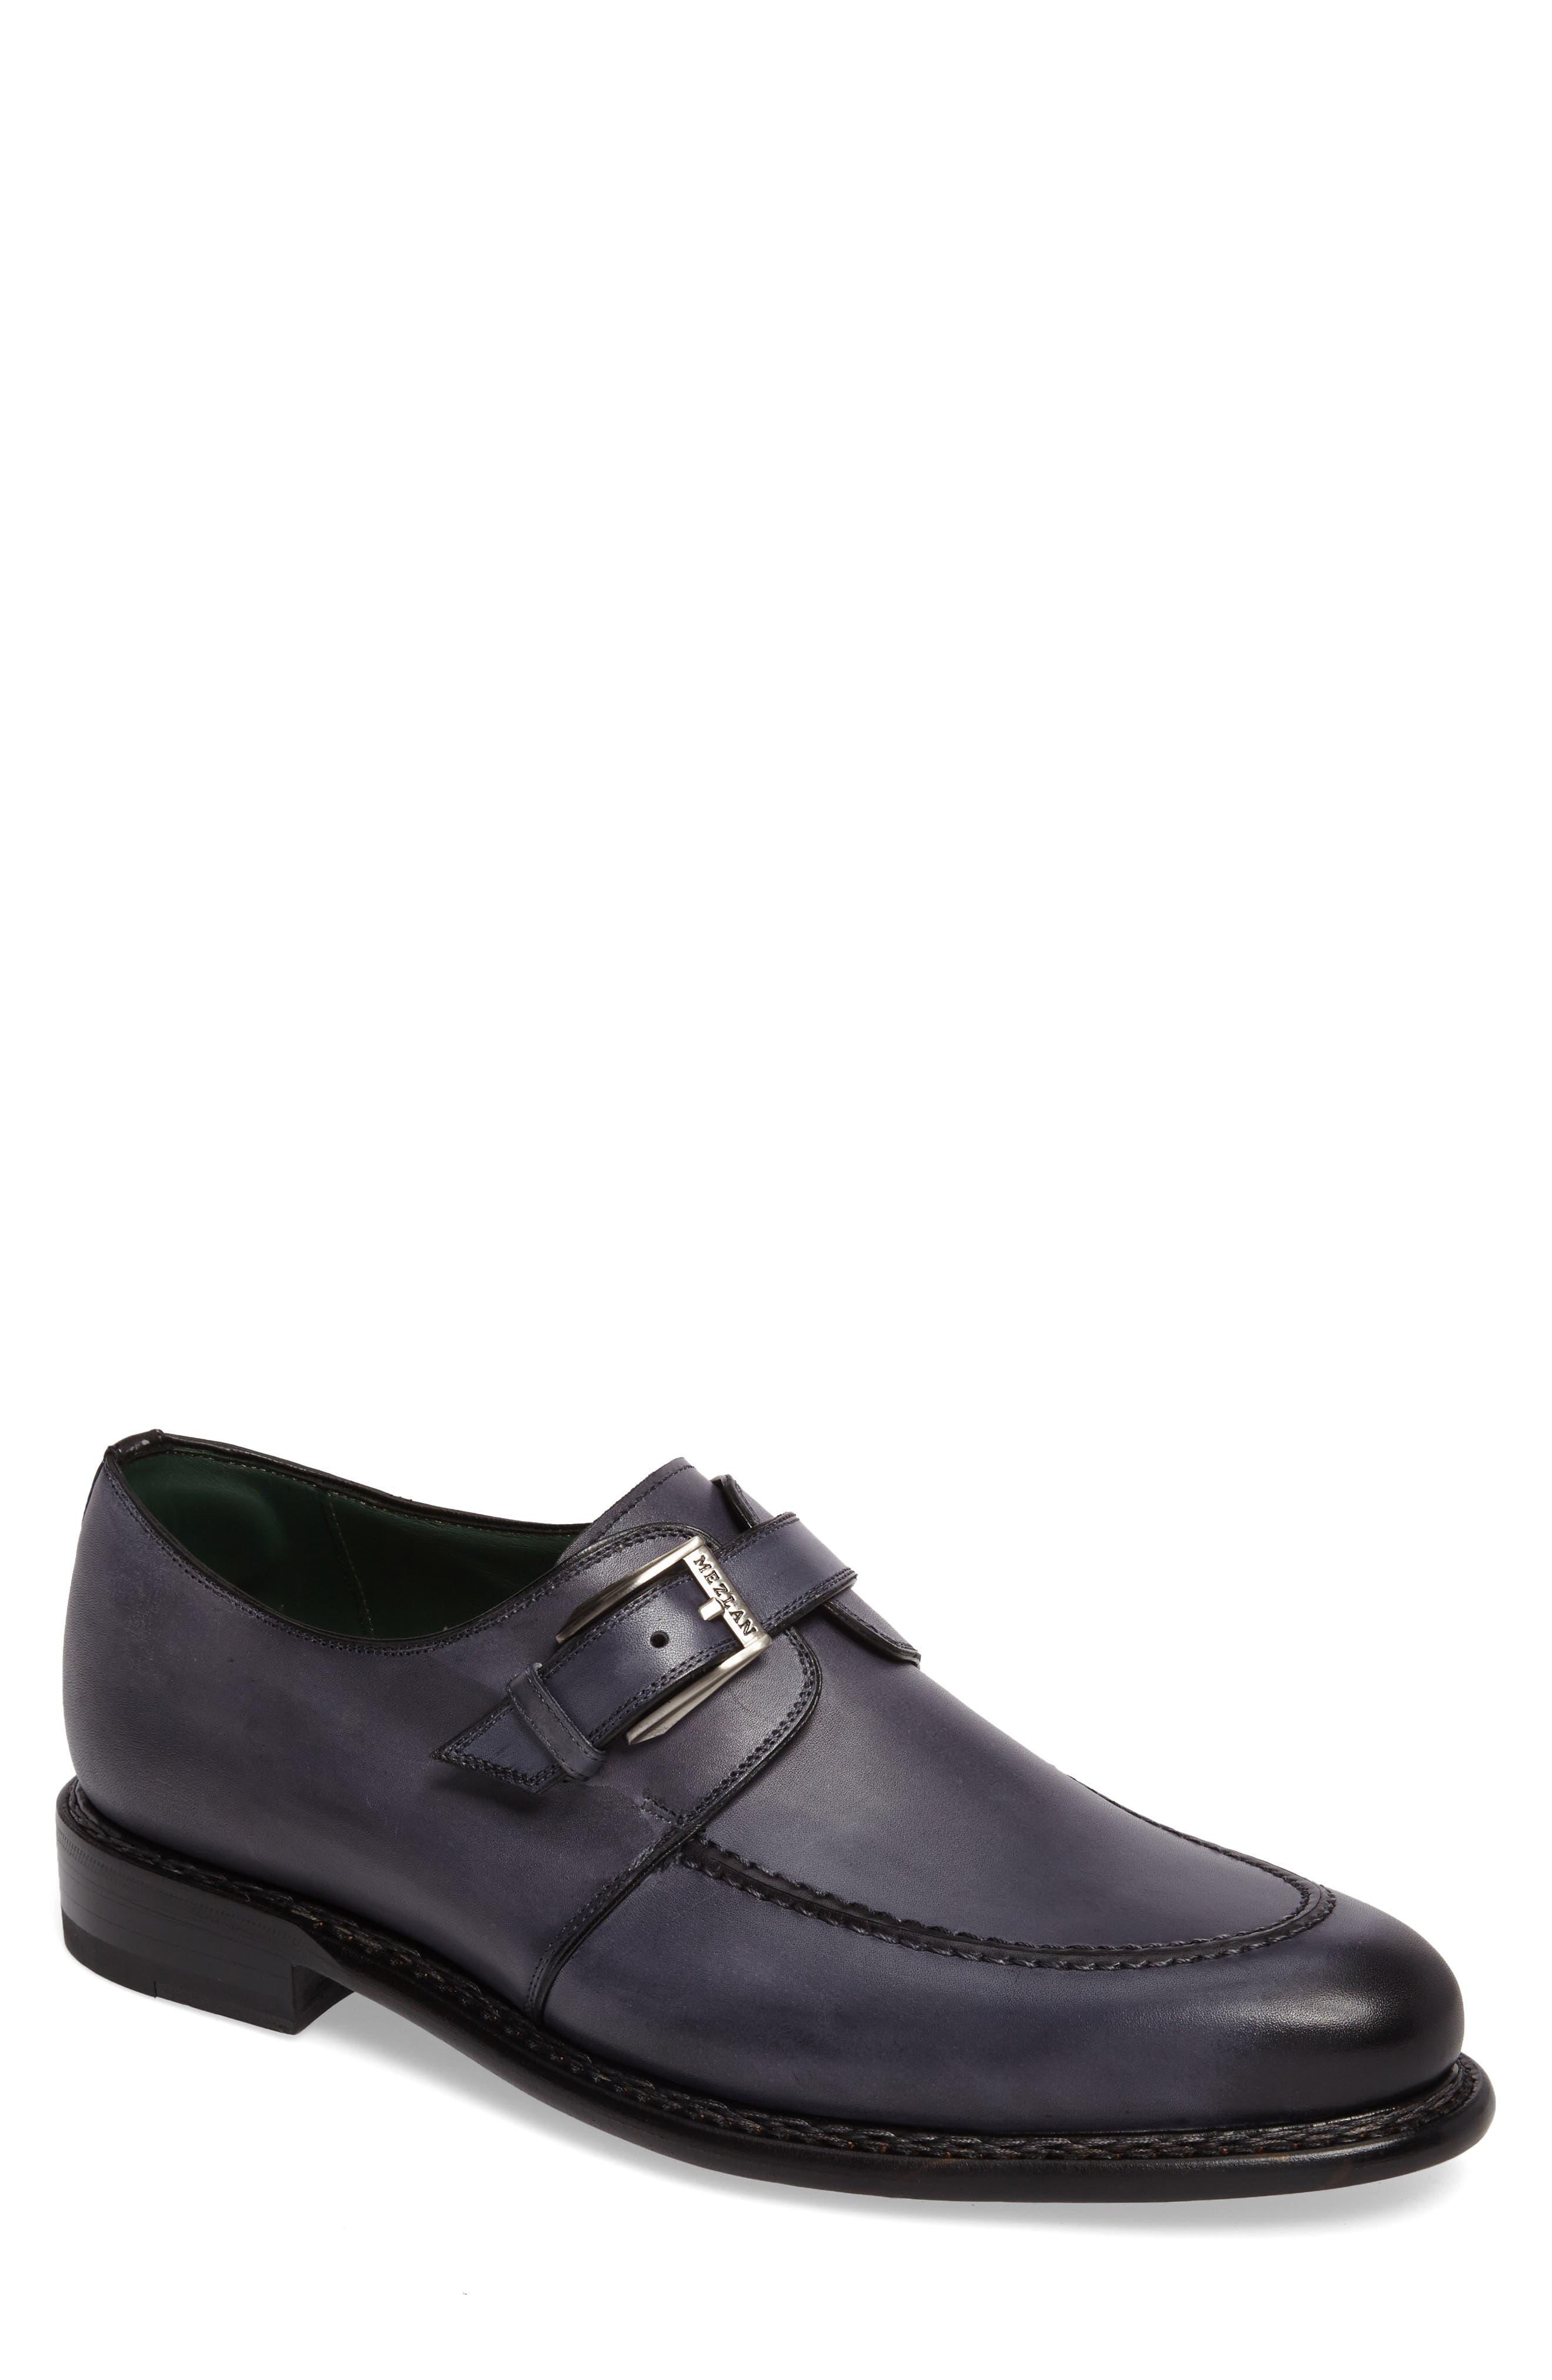 MEZLAN Aguilar Monk Strap Shoe